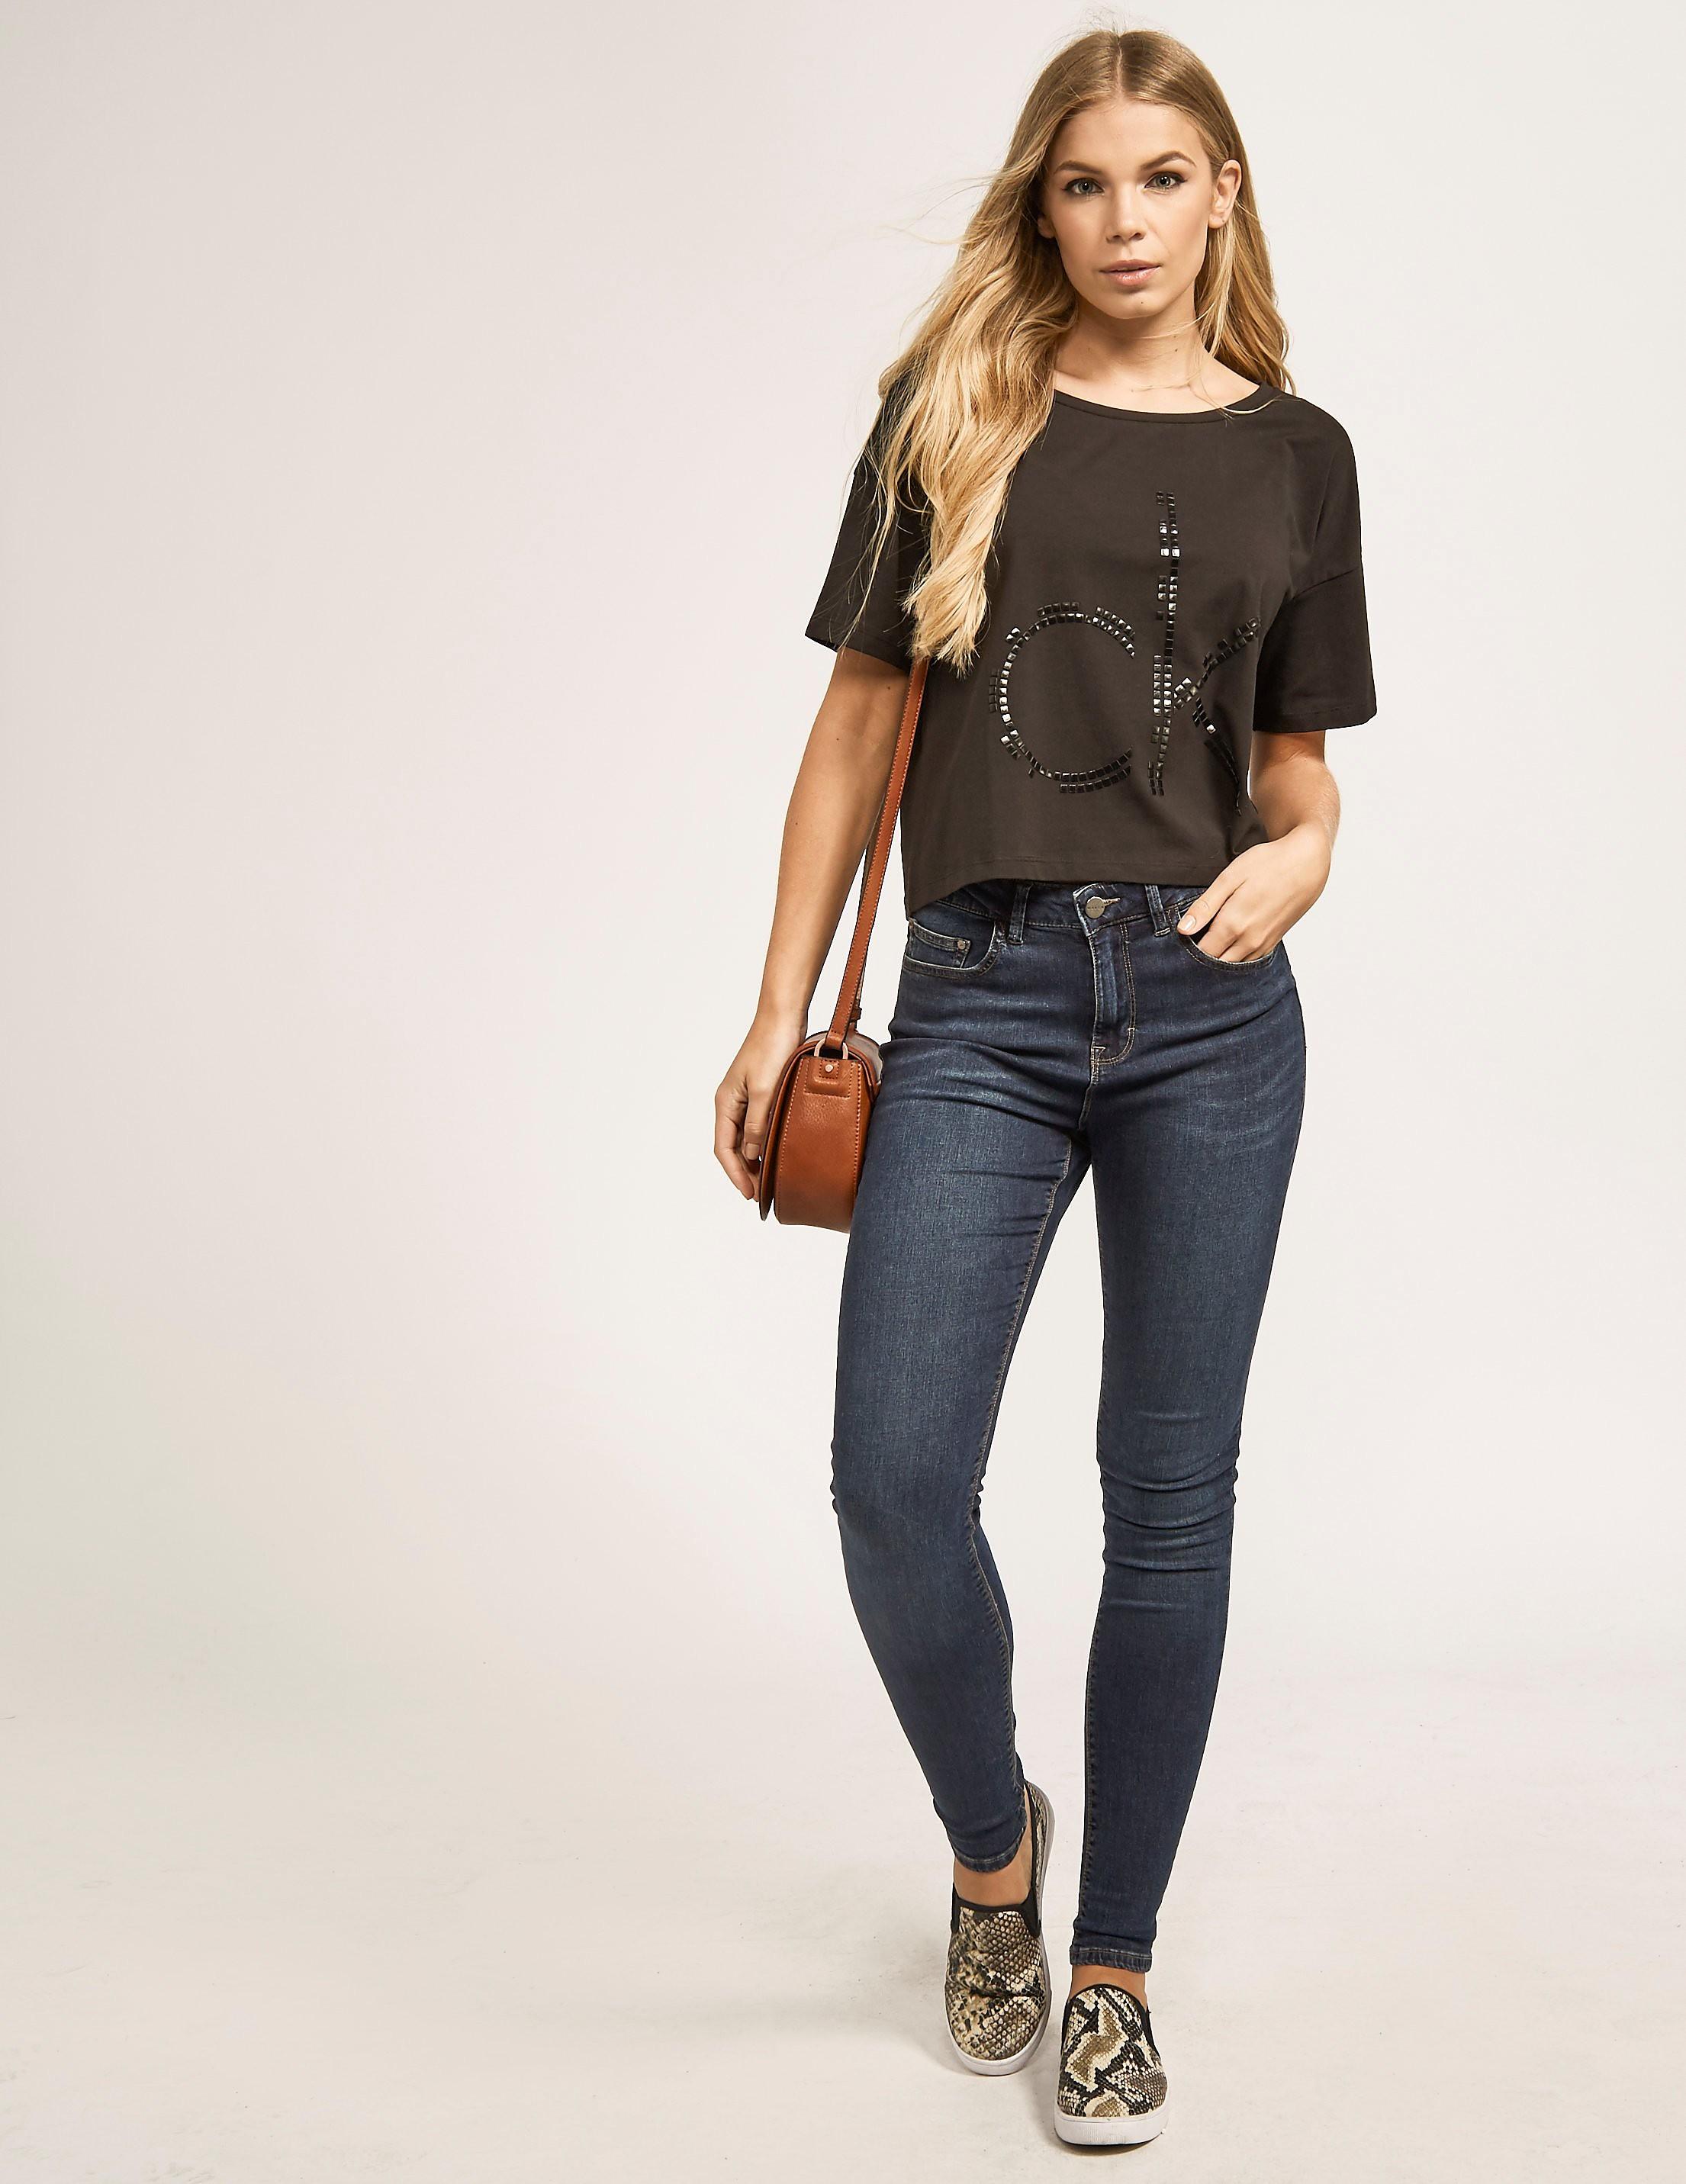 Calvin Klein Tecca-8 Short Studded T-Shirt